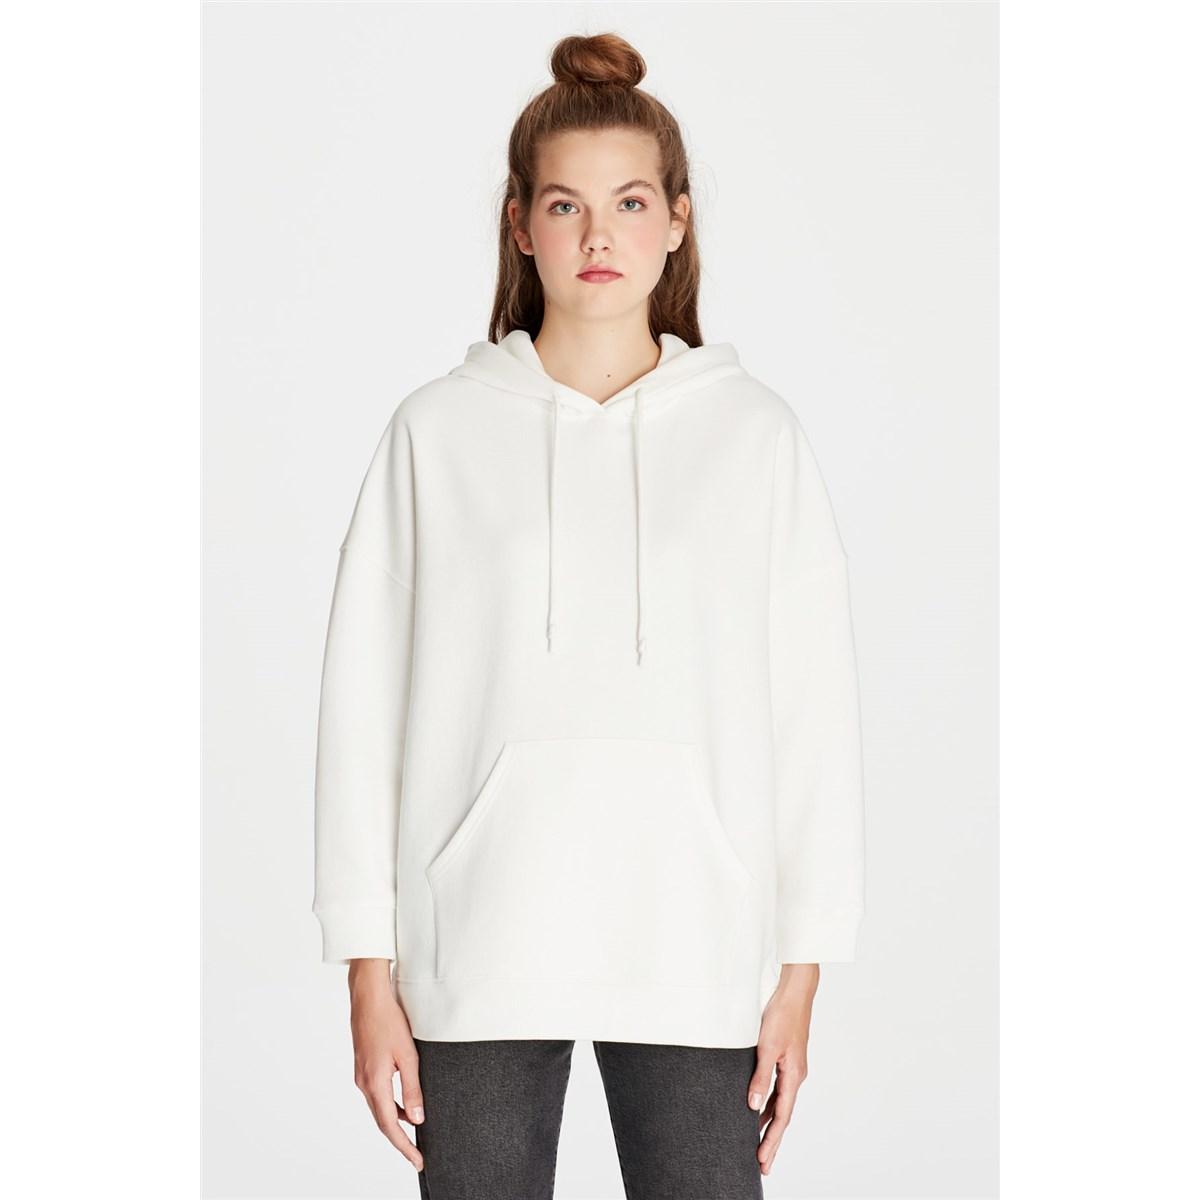 Kapüşonlu Kadın Beyaz Sweatshirt (168327-28945)